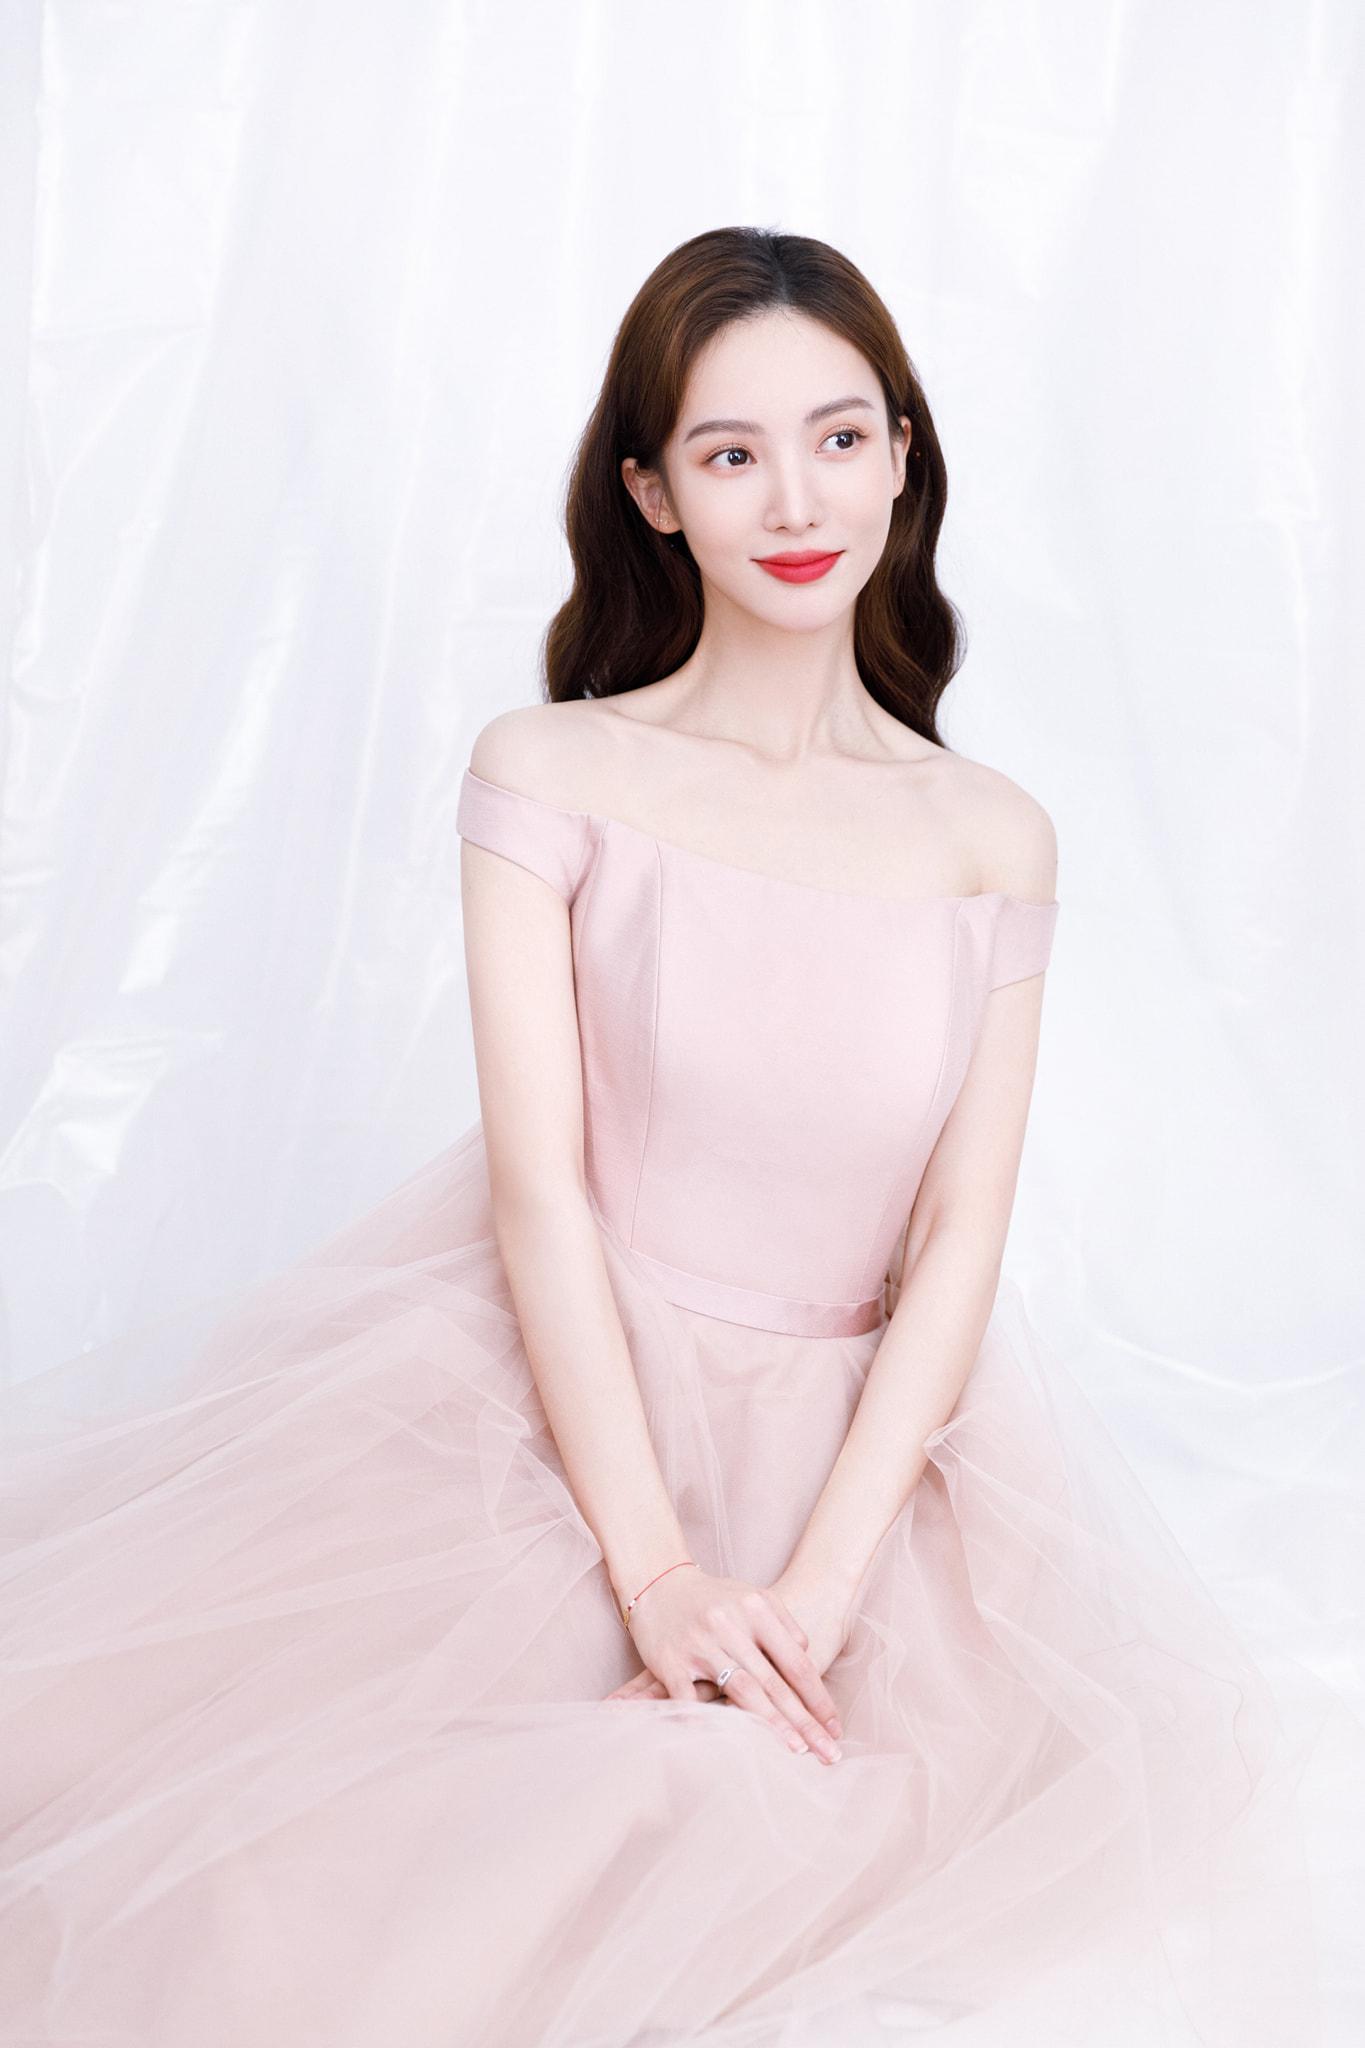 BXH sao nữ Cbiz tháng 7/2021: 'Đỉnh lưu dởm' Dương Tử top 1, Lệ Dĩnh, Diệc Phi vắng bóng 9